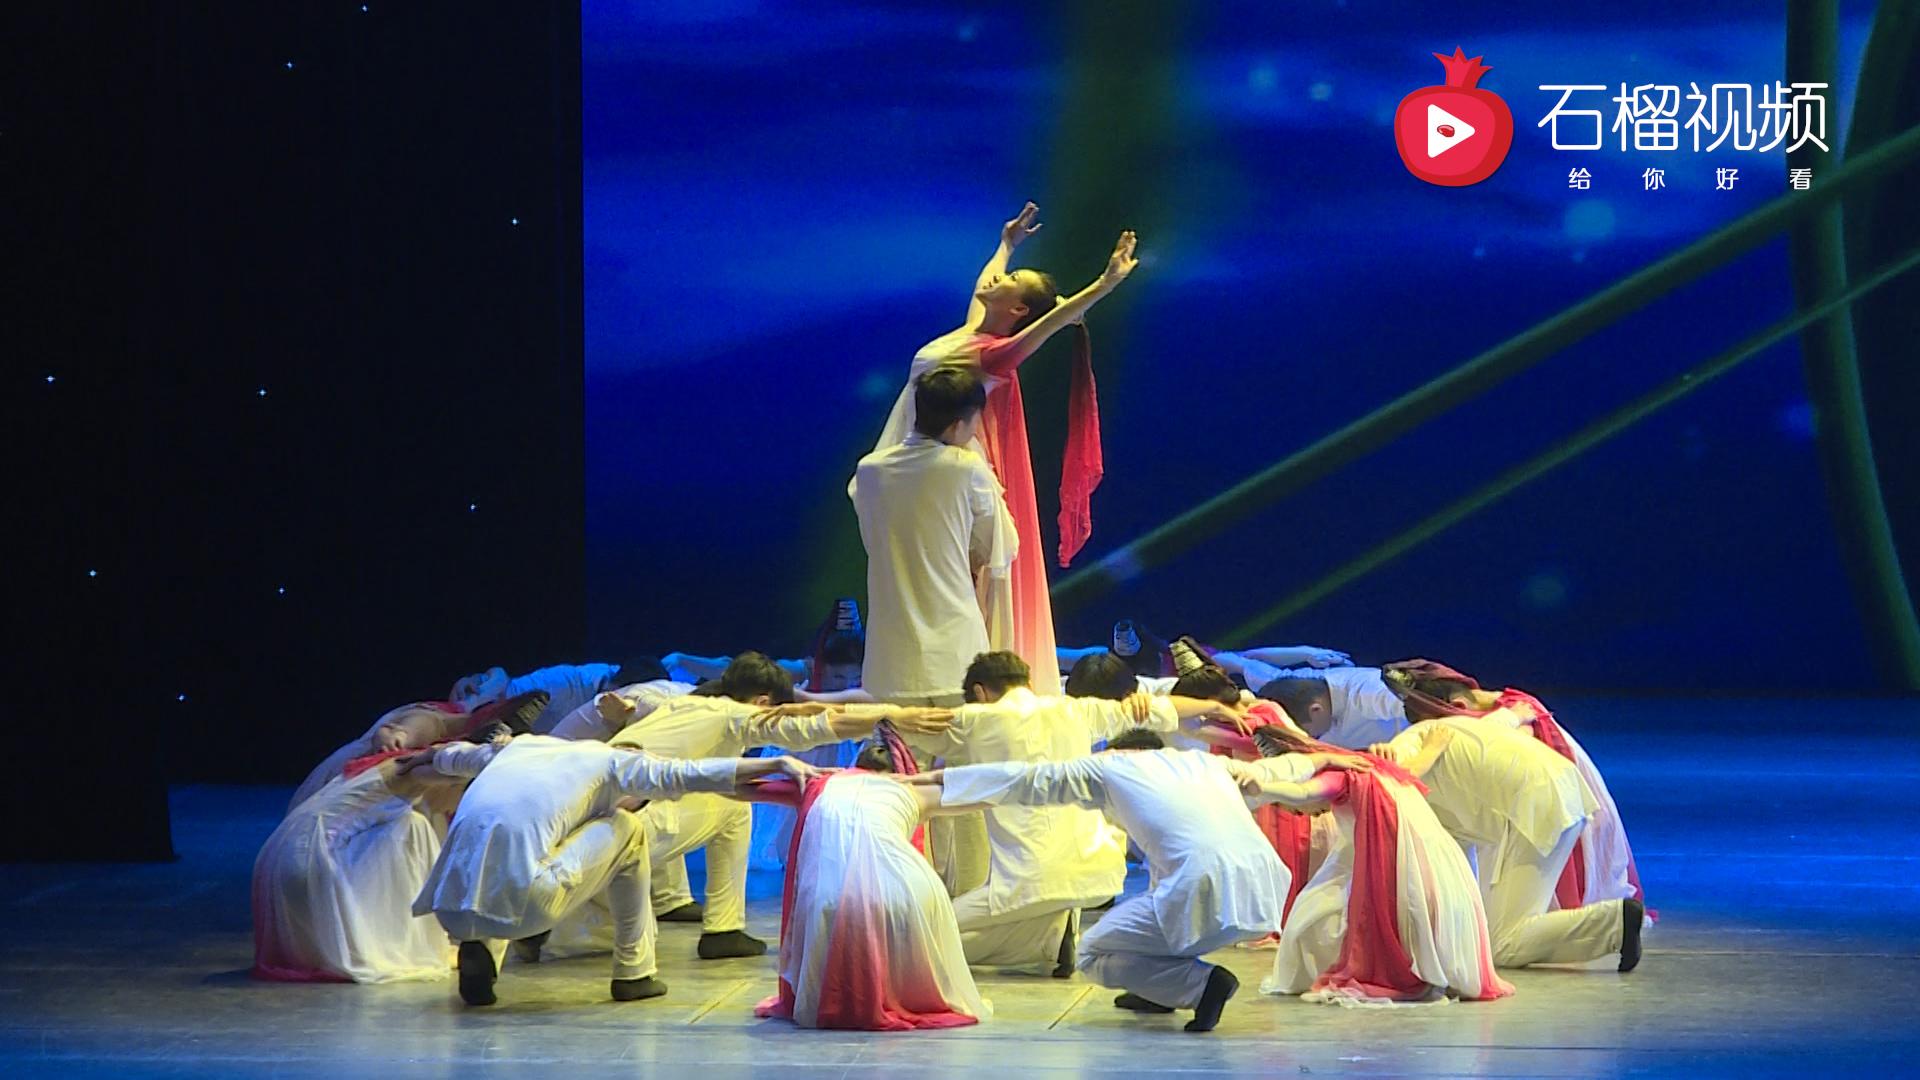 舞蹈爱好者的福音来了《逐梦》等你欣赏